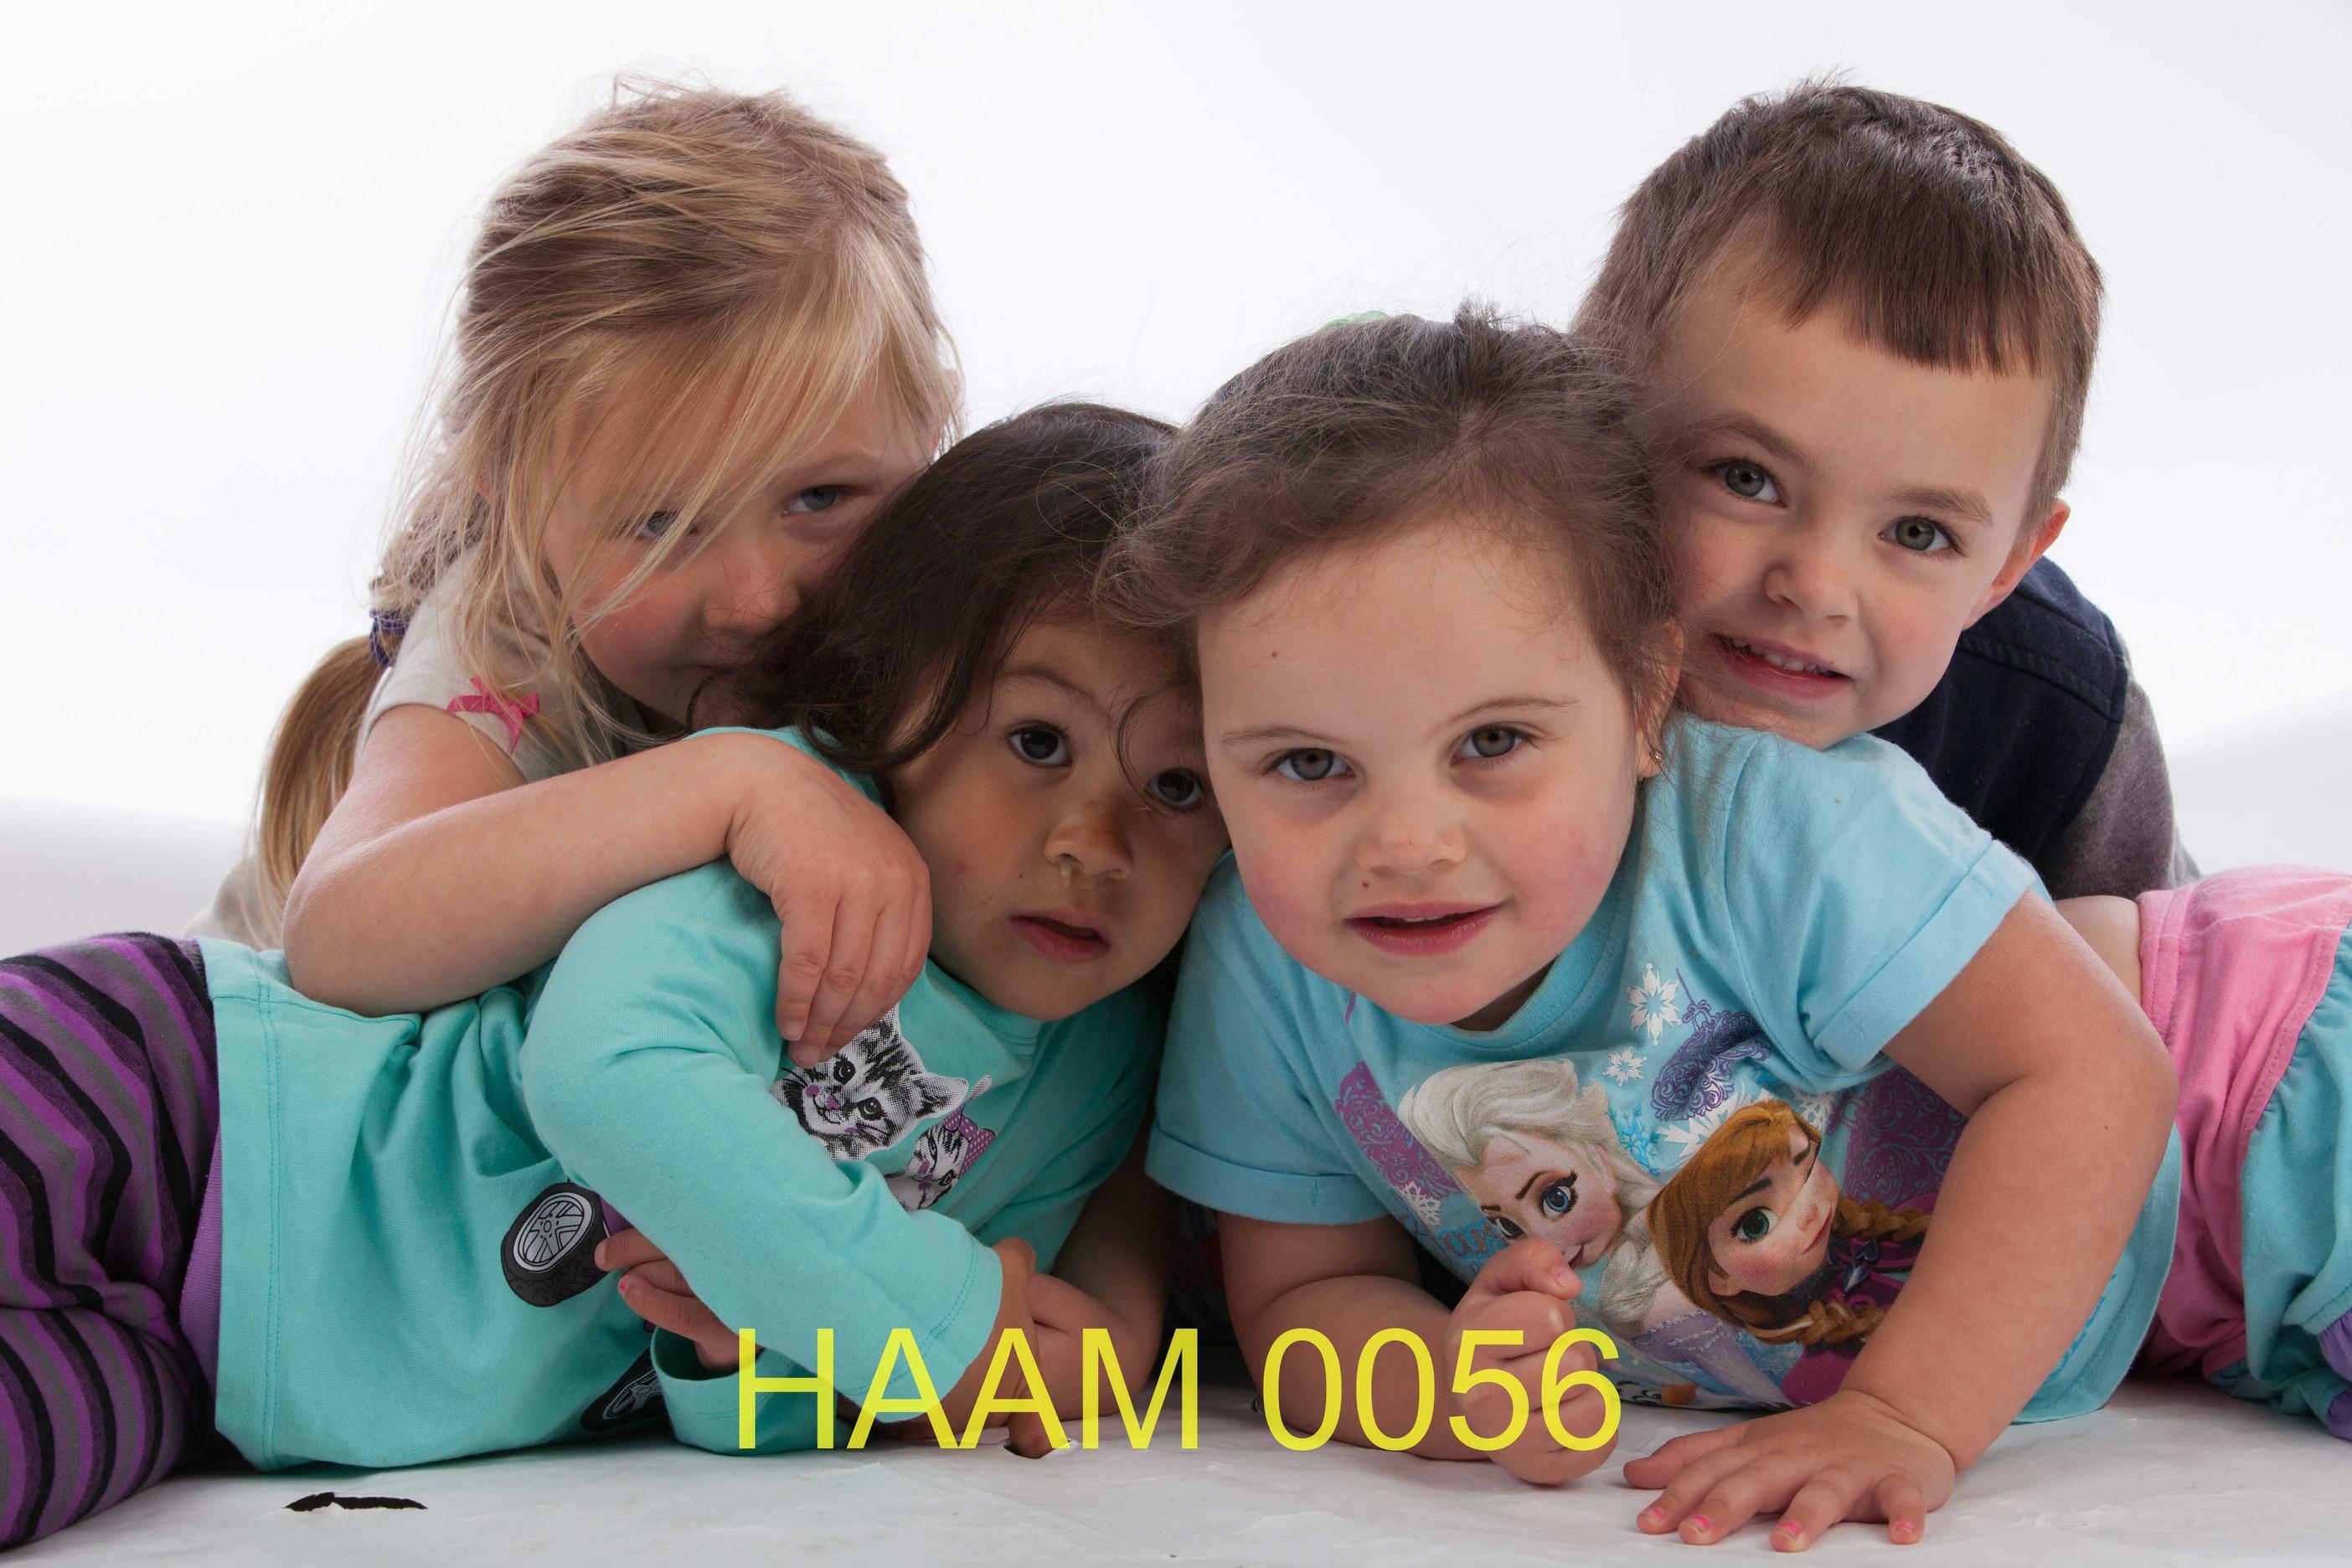 HAAM 0056